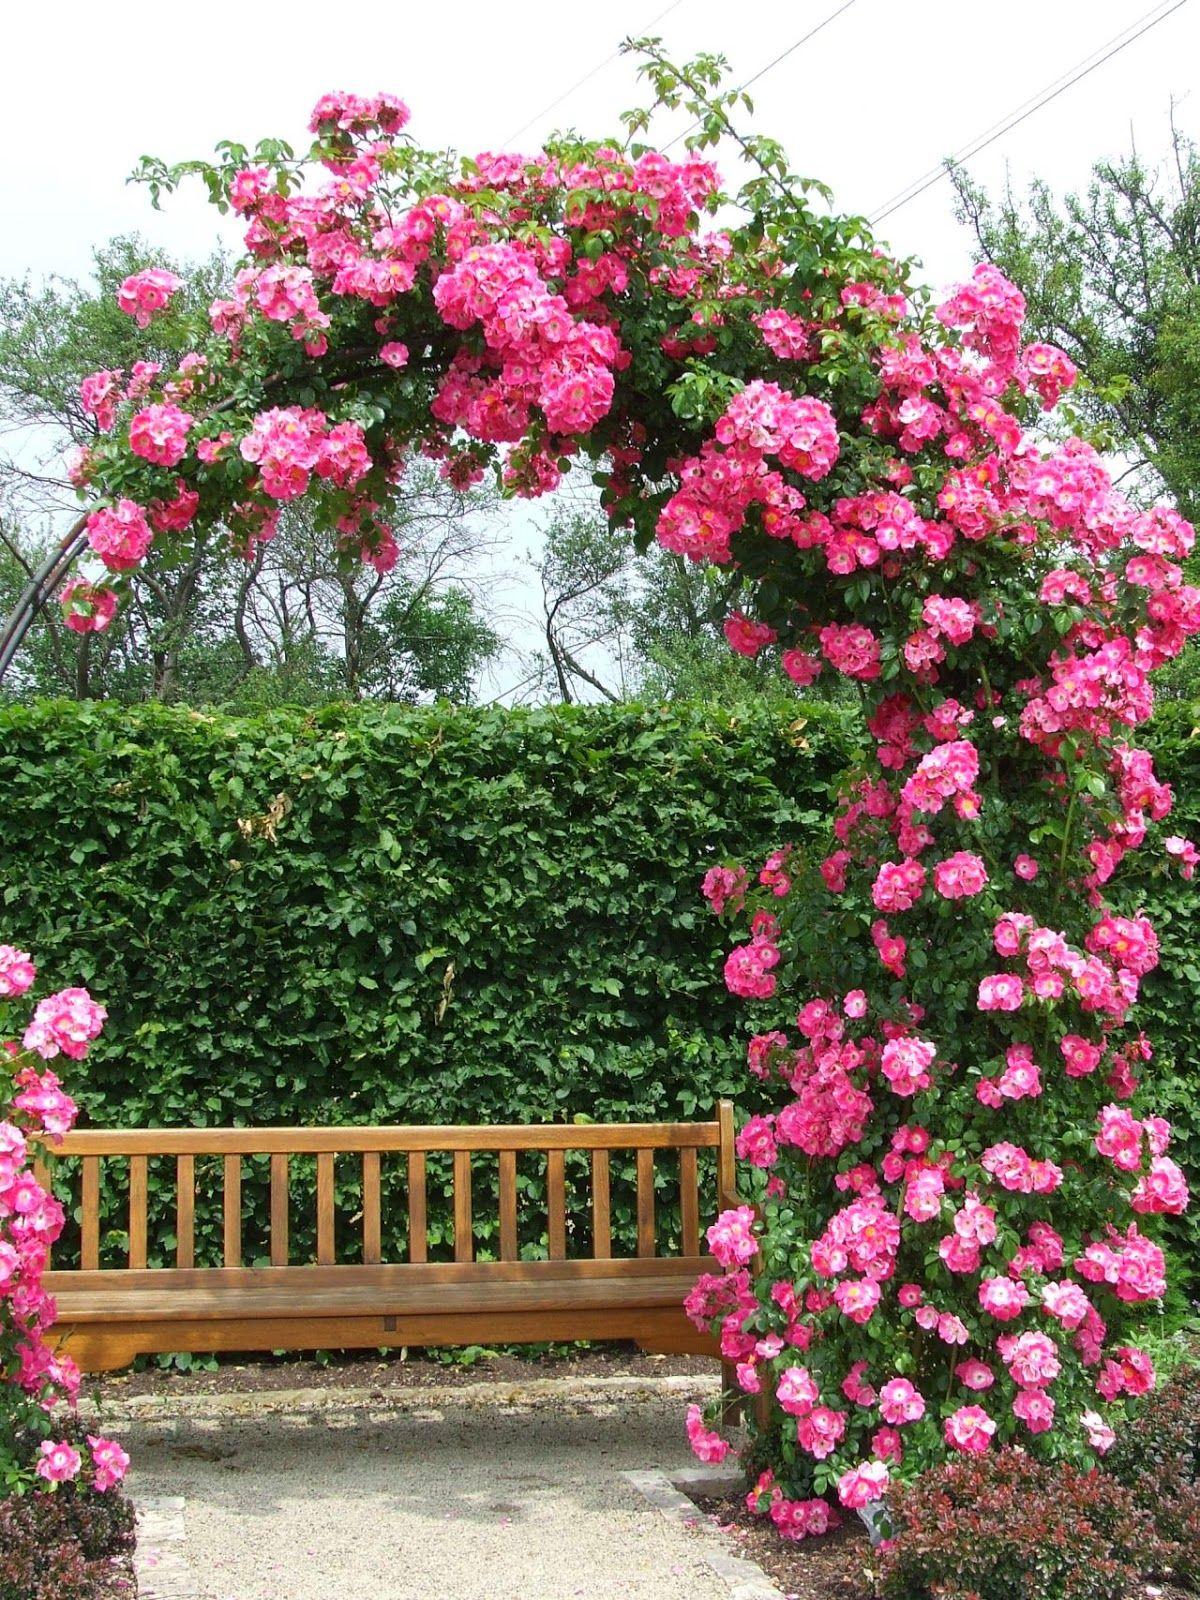 Garden Archways With Images Garden Archway Garden 400 x 300